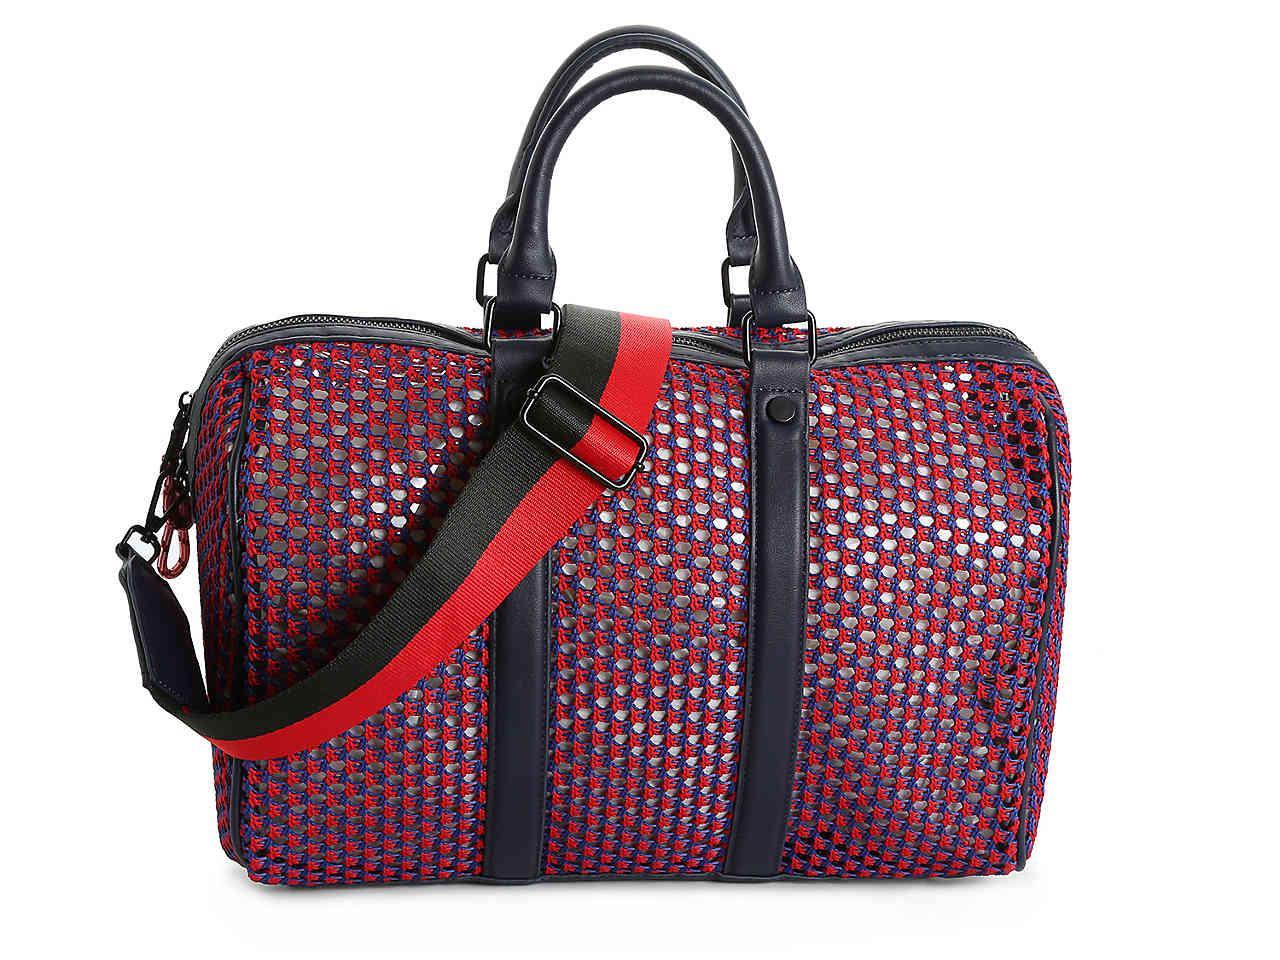 Steve Madden Bthunder Weekender Bag in Red\/Navy (Red) - Lyst